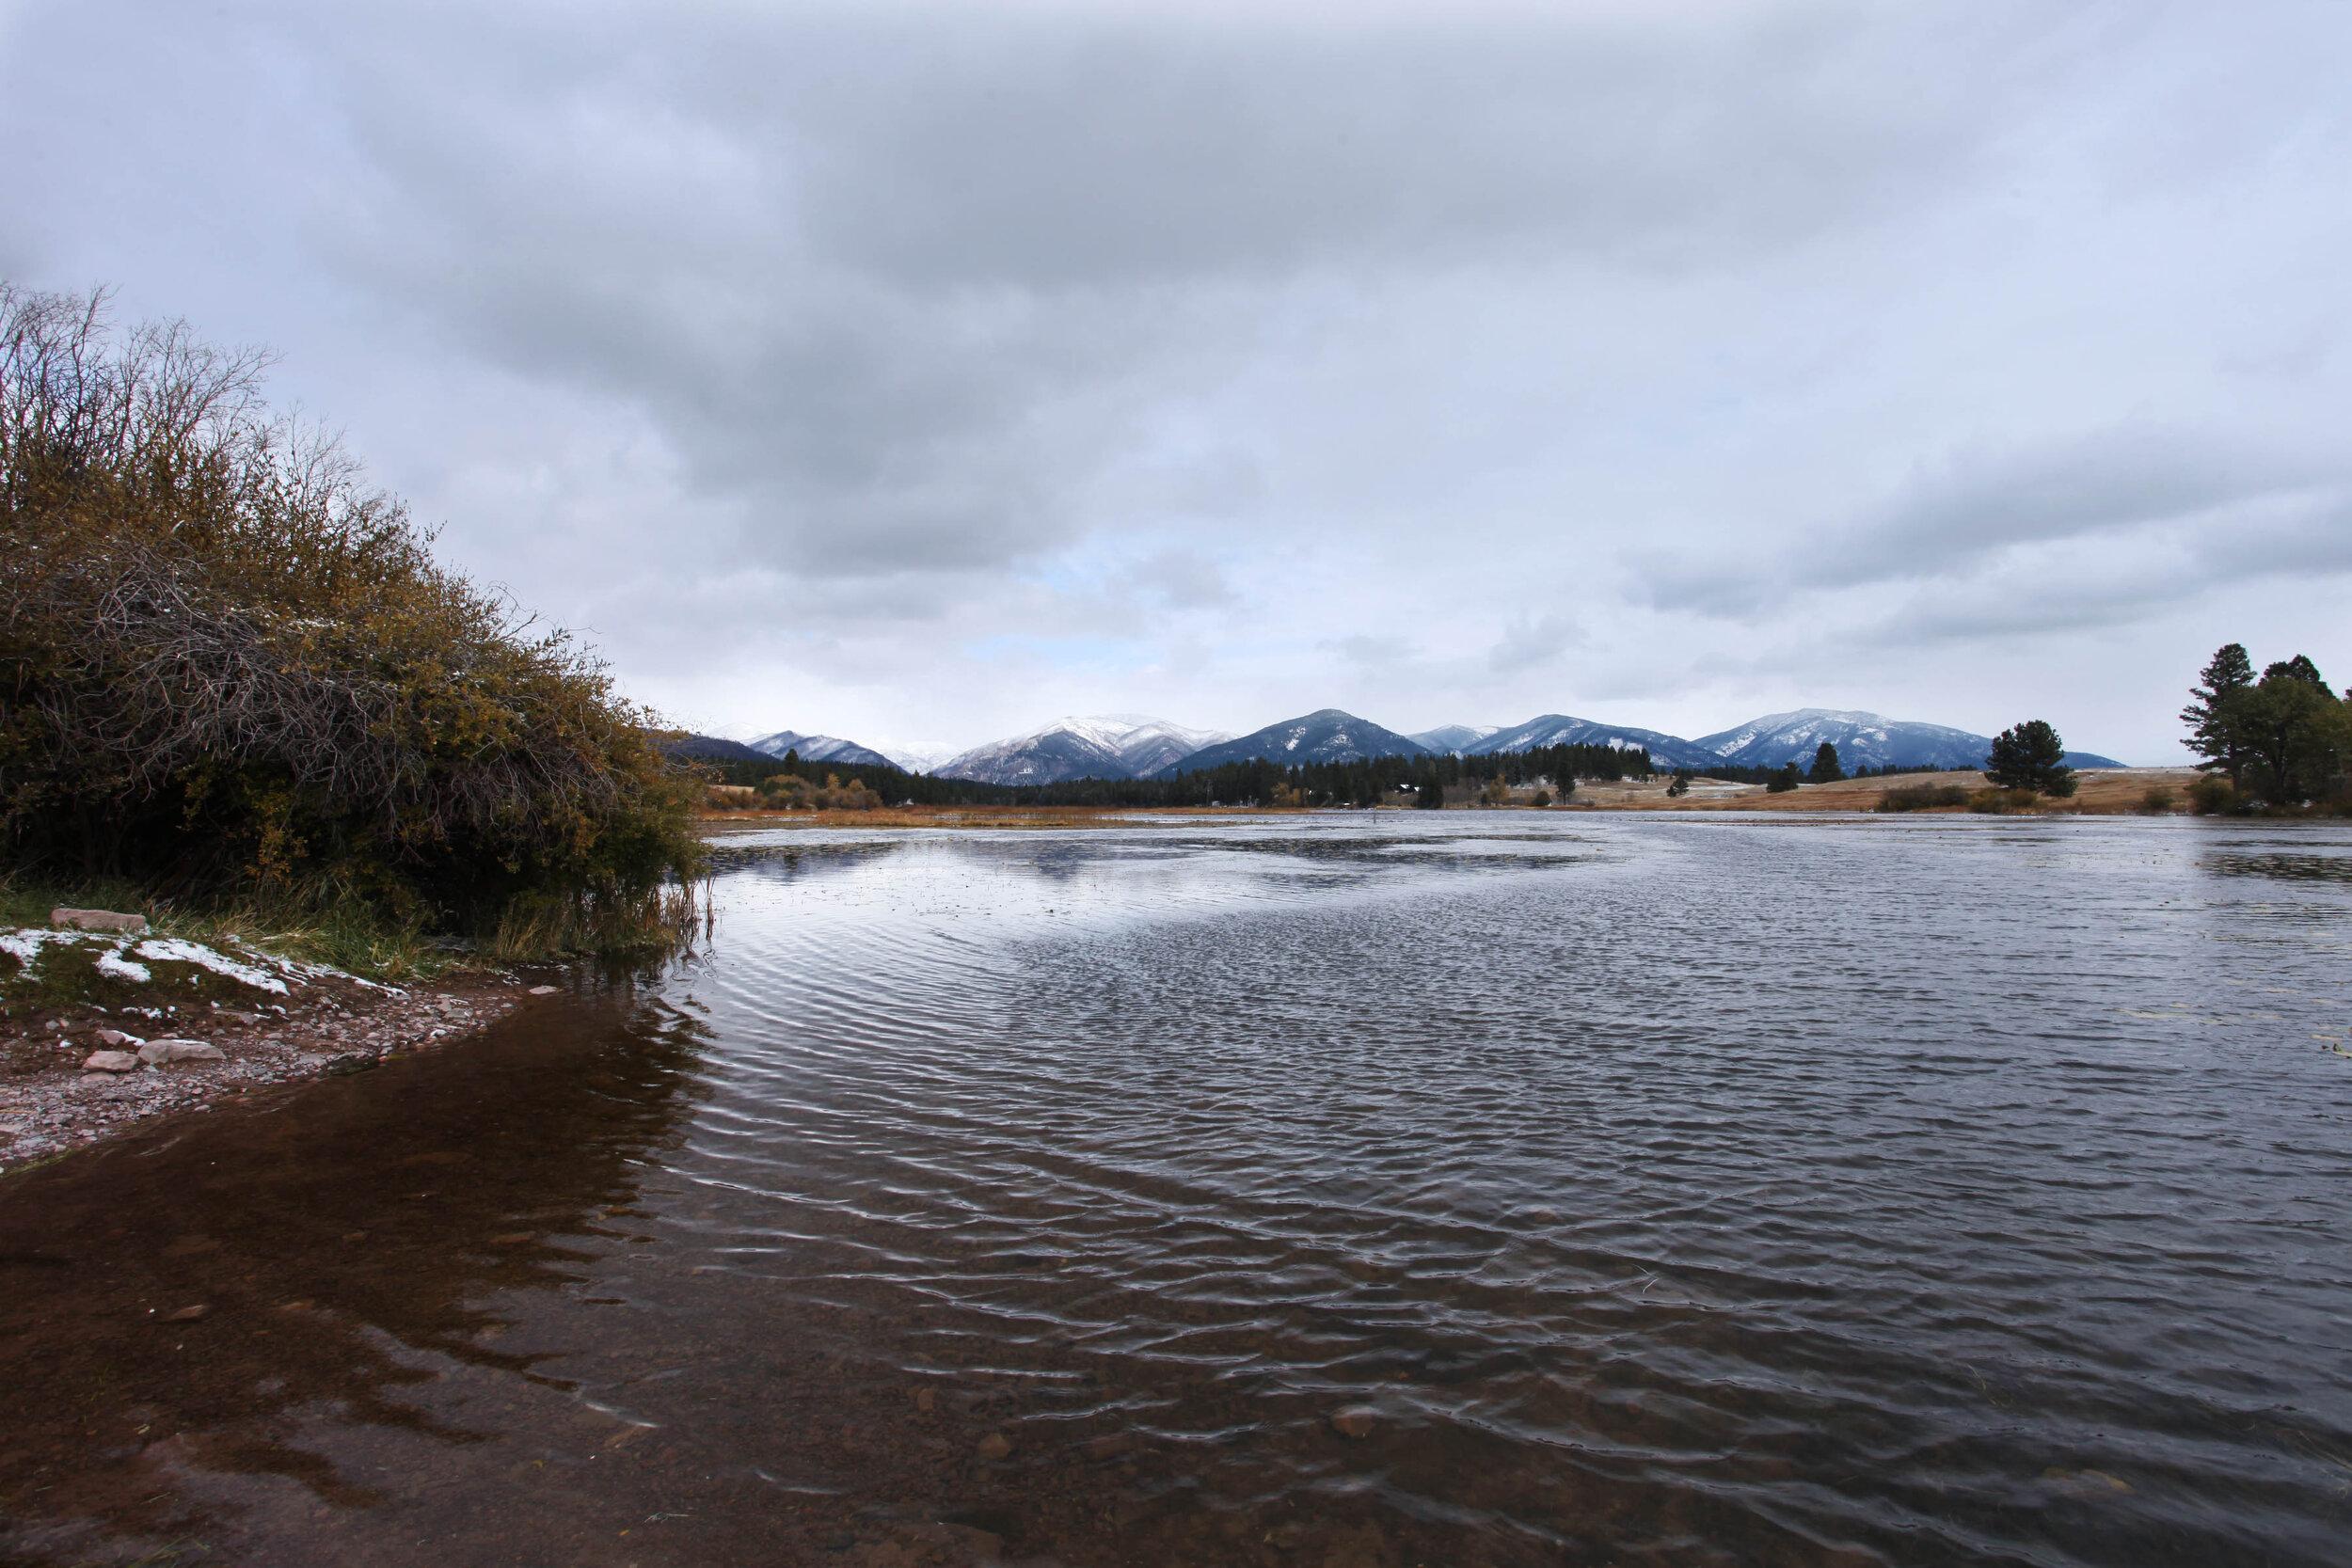 Upsata Lake on a chilly day.